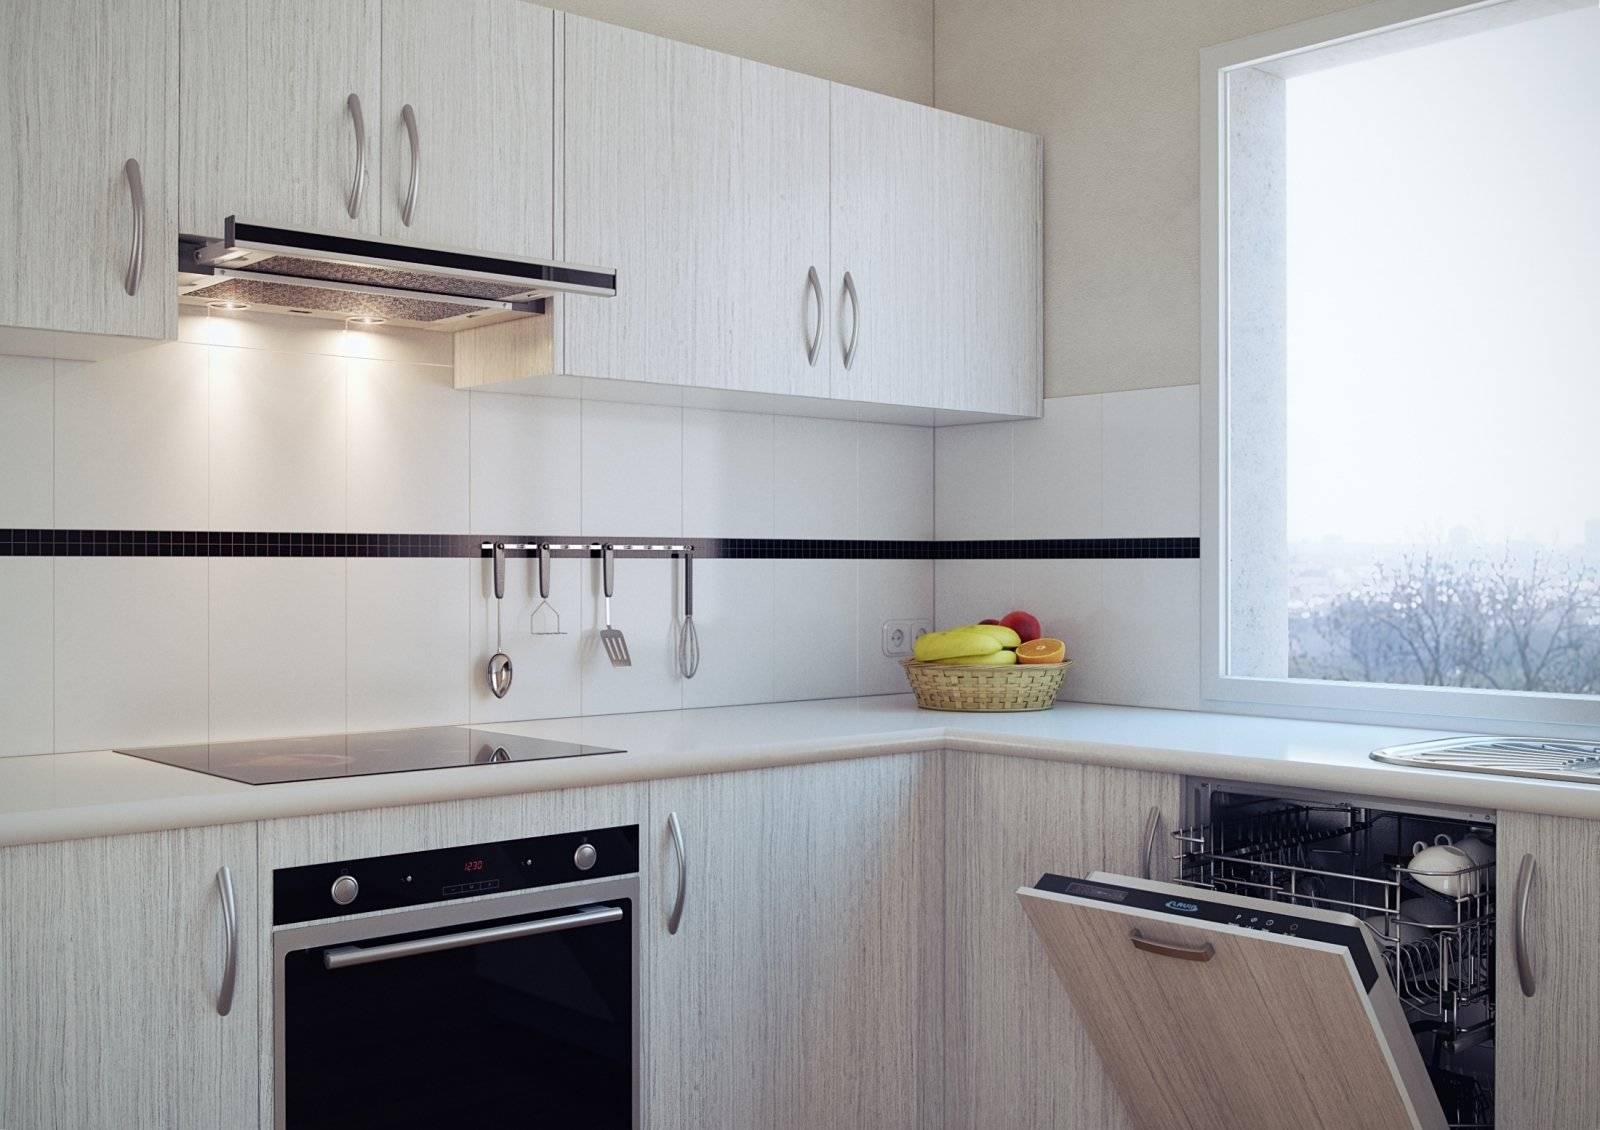 Как спрятать трубу от вытяжки: как закрыть вентиляционную трубу на кухне в интерьере, как скрыть, спрятать, задекорировать, замаскировать